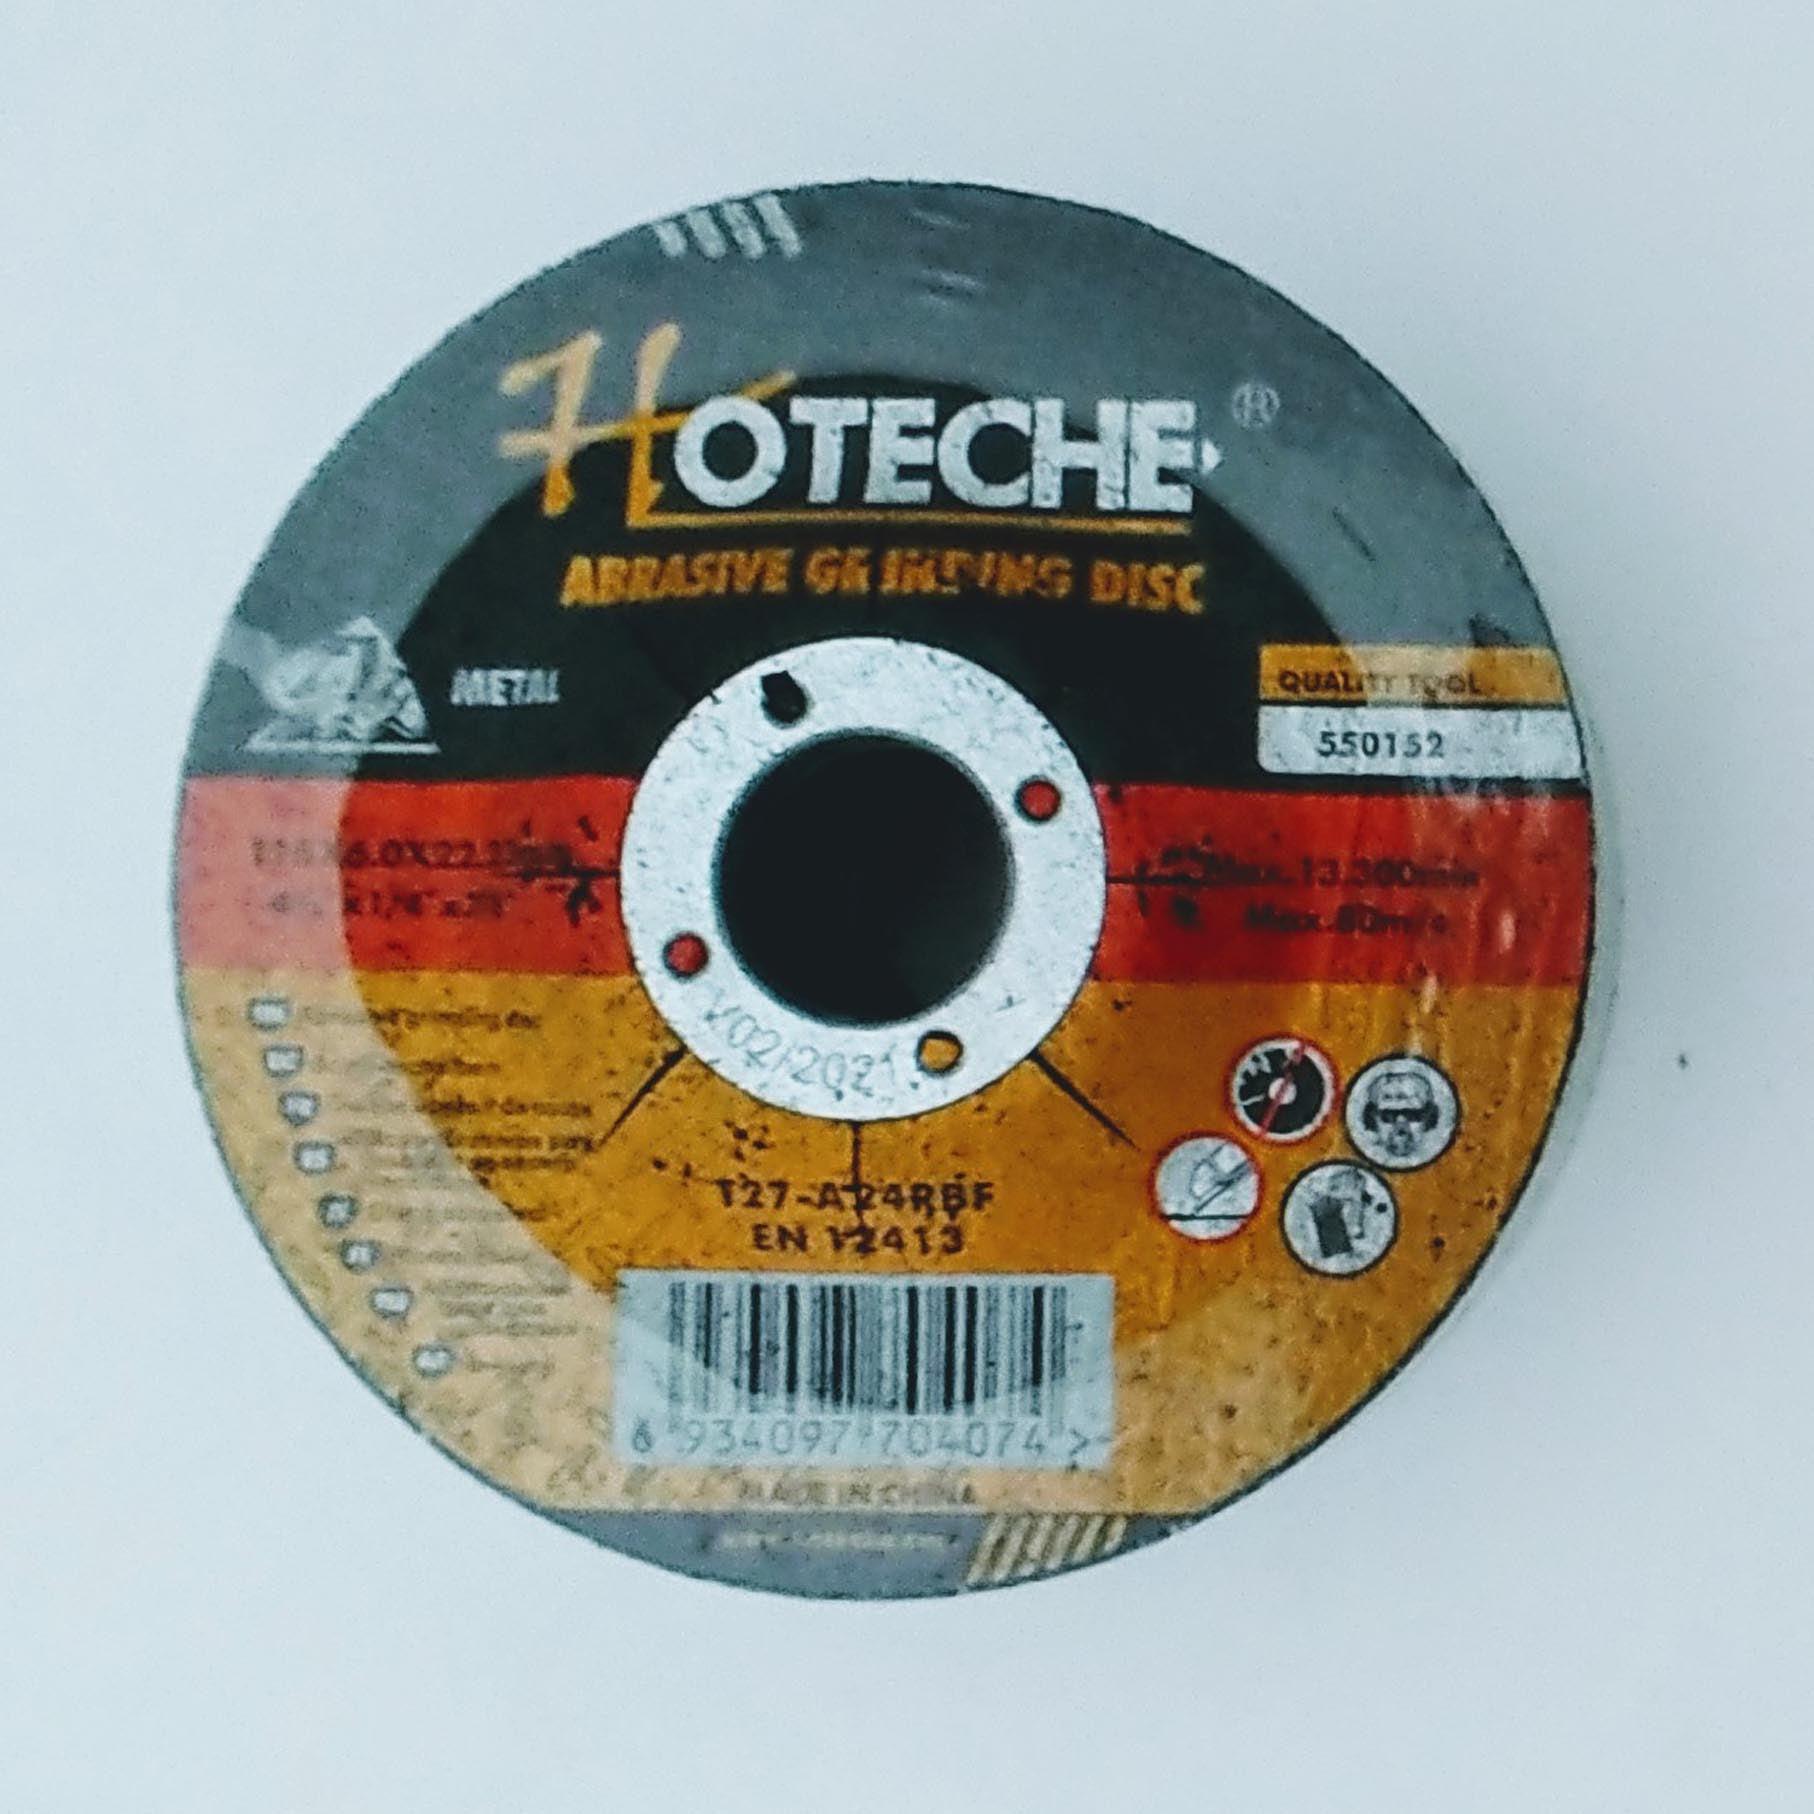 מארז 5 דיסקים לשיוף ברזל 125 מ''מ-5'' מבית חברת HOTECHE